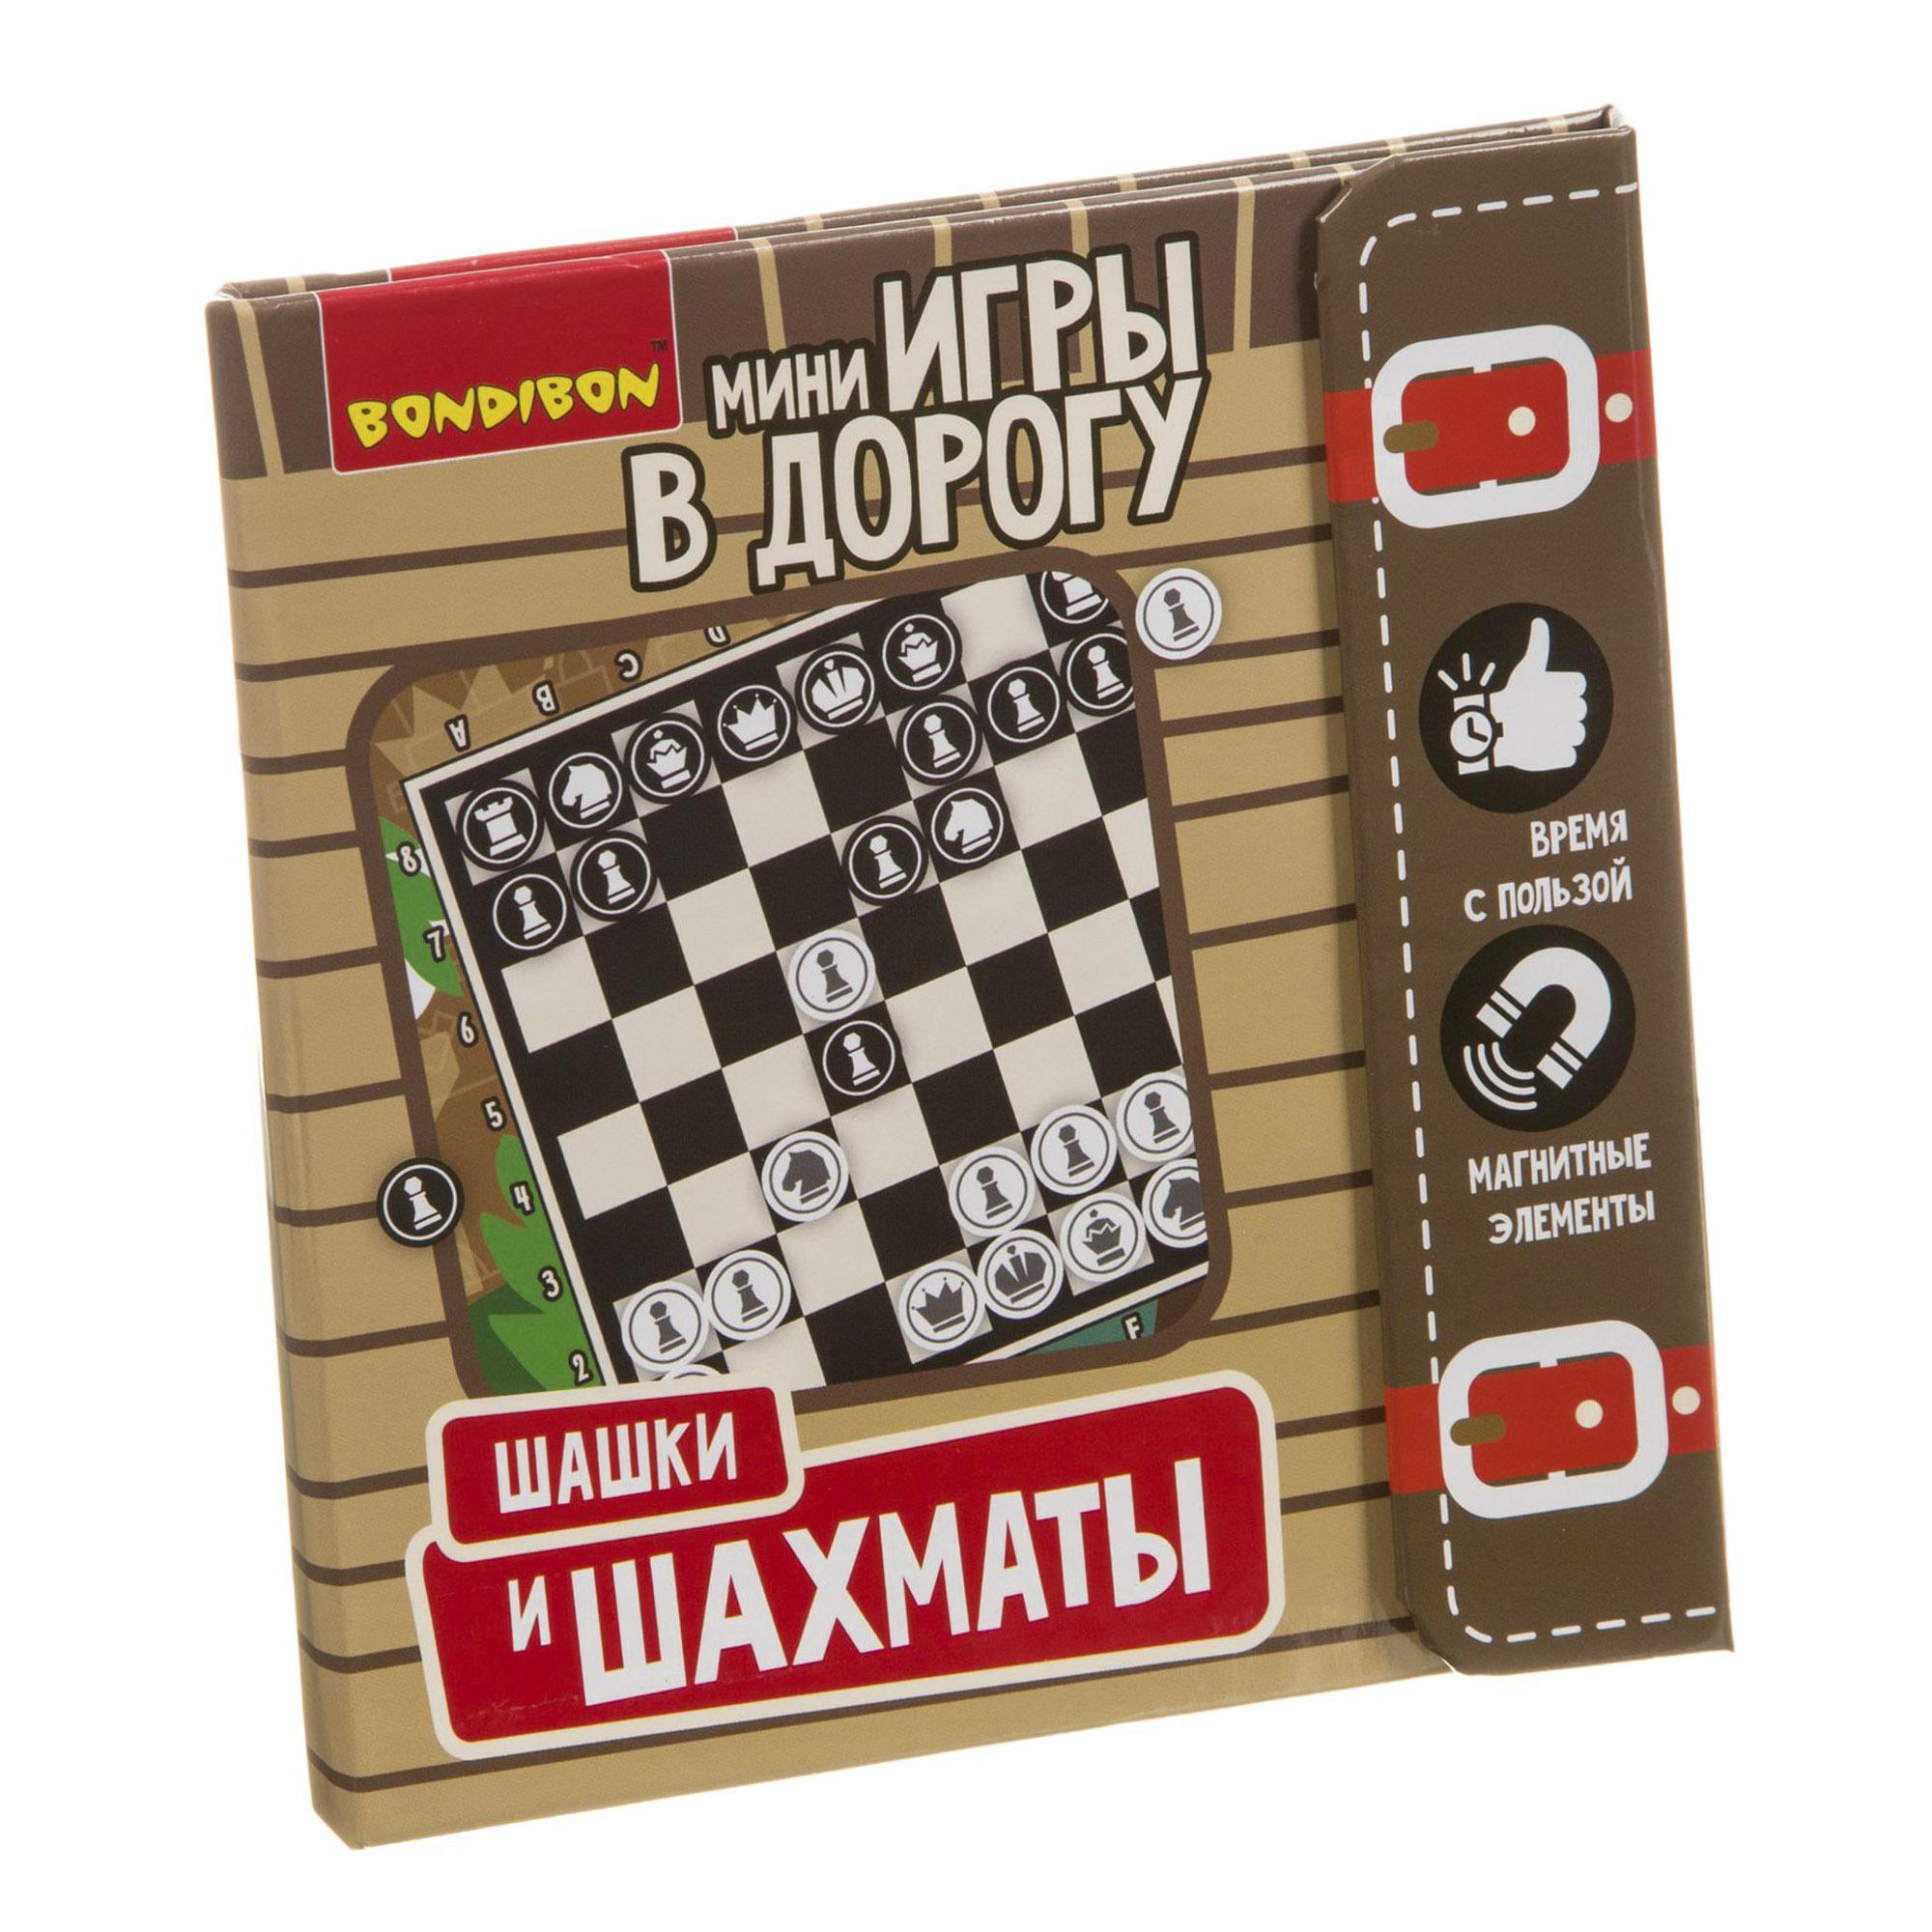 Компактные игры в дорогу Bondibon Шашки и Шахматы